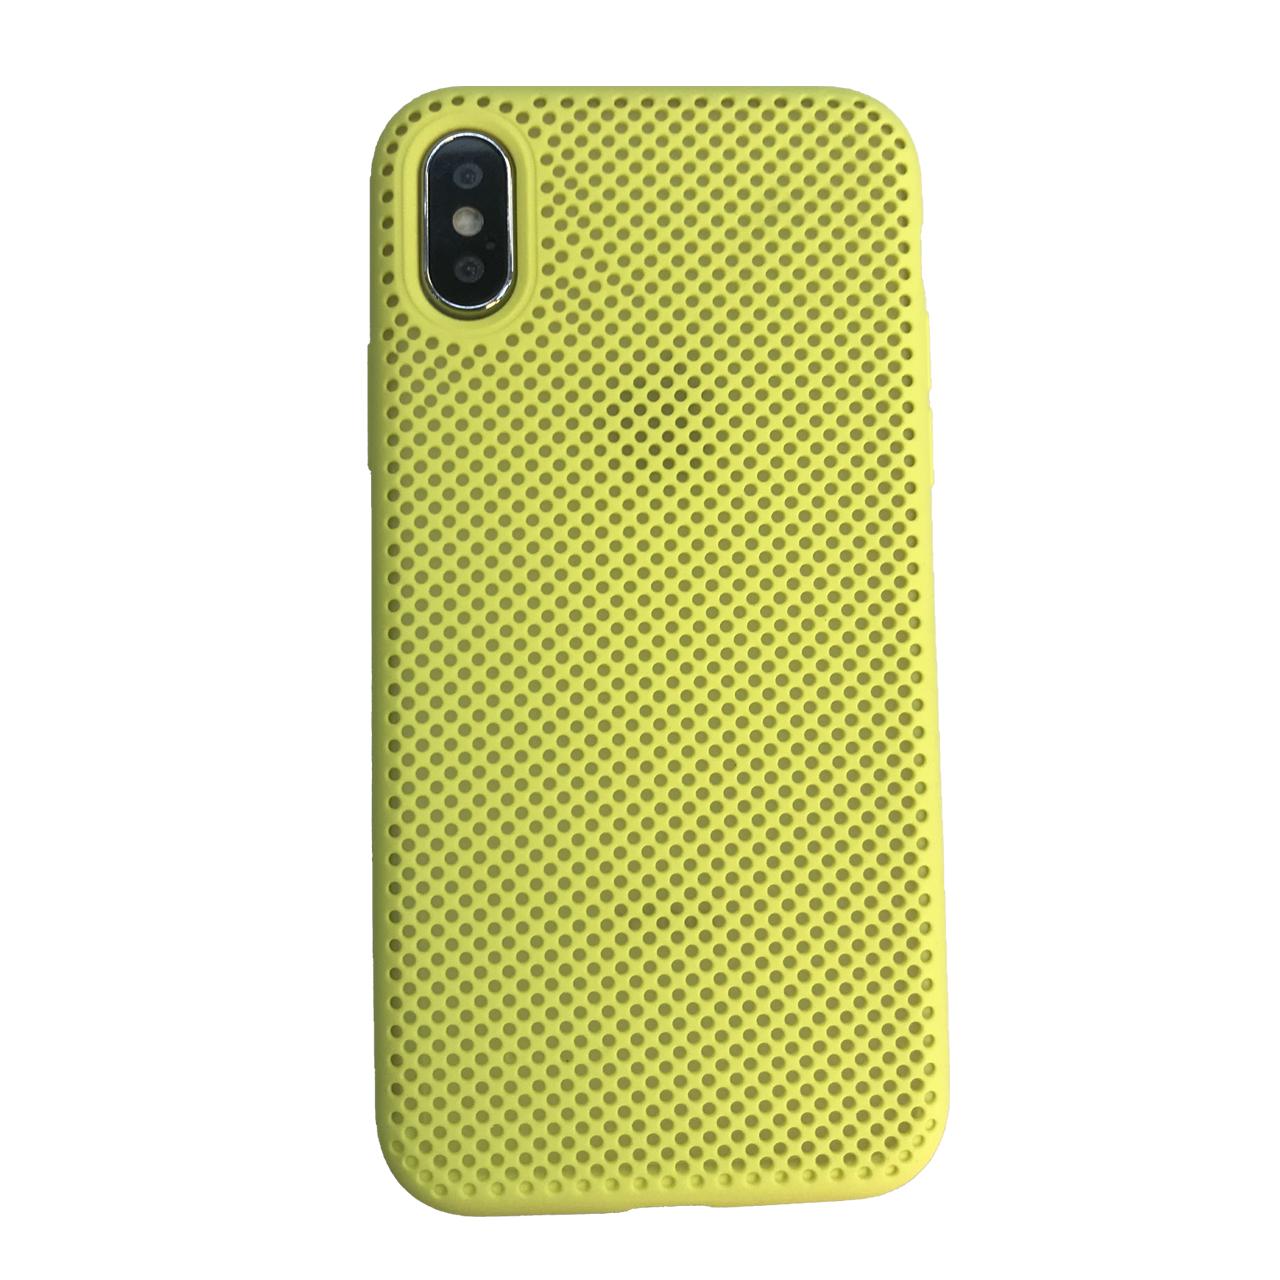 کاور سیلیکونی مدل Lace مناسب برای گوشی موبایل اپل آیفون x / xs